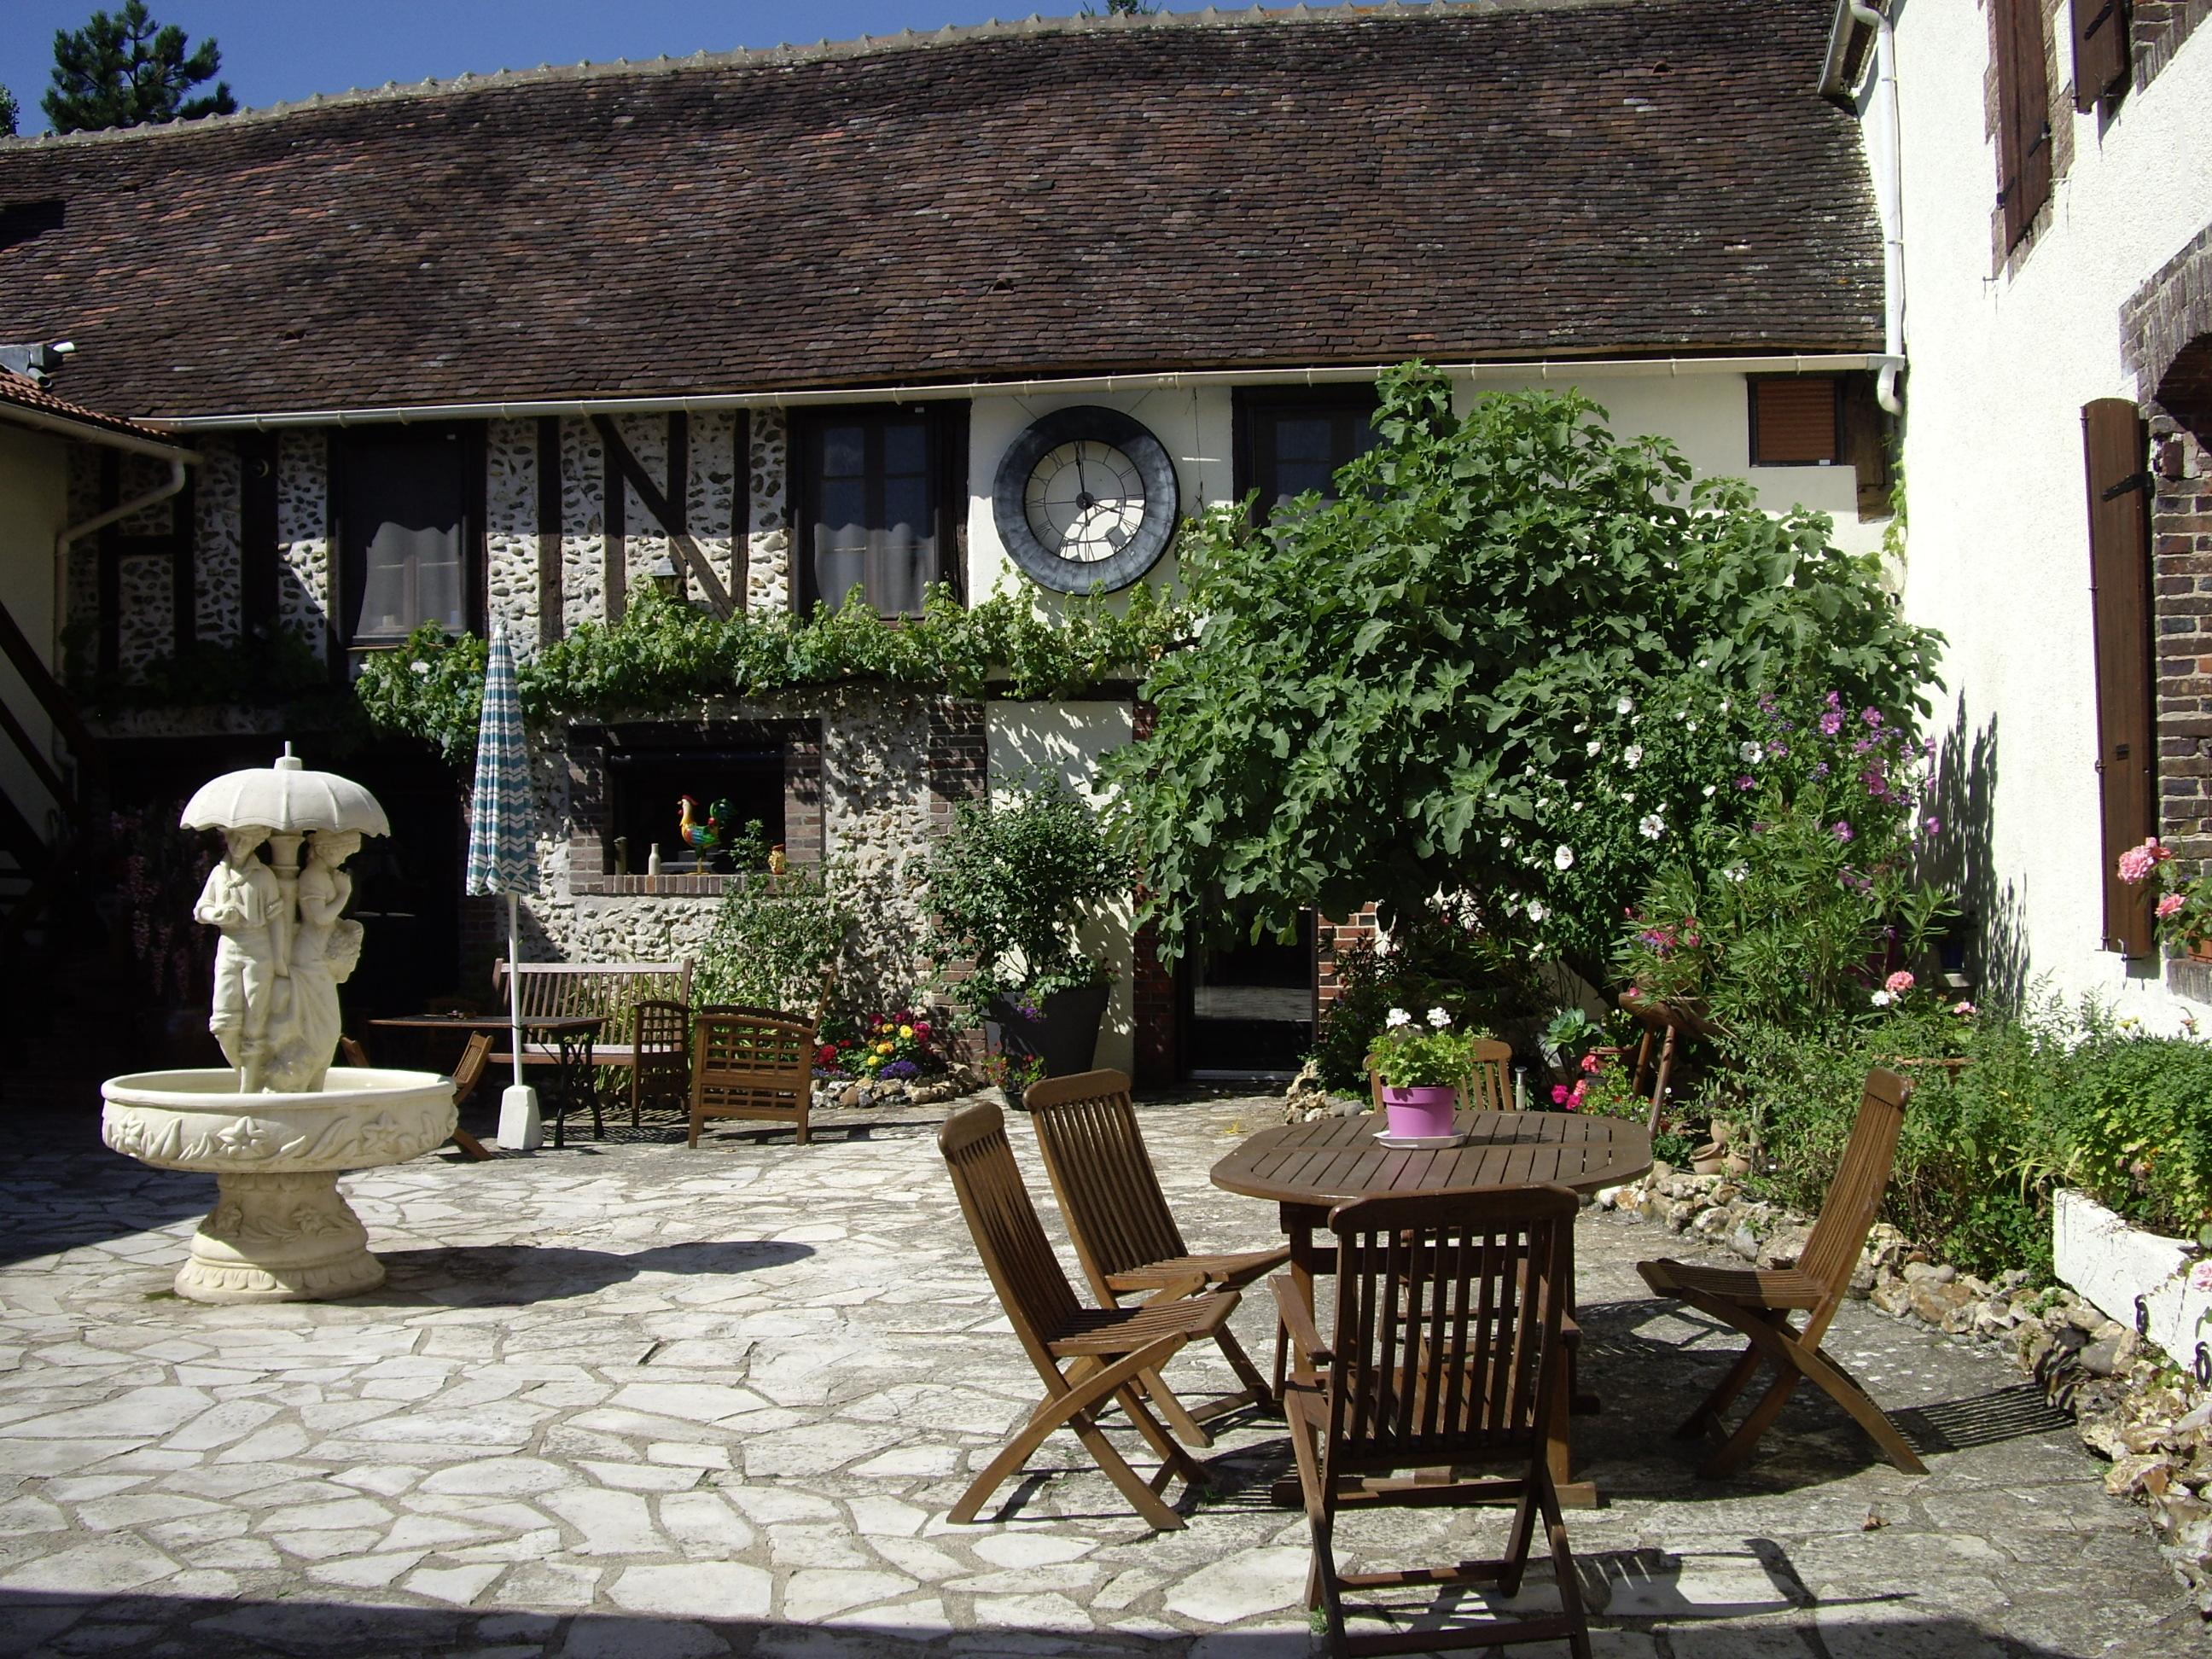 La claire fontaine une chambre d 39 hotes dans l 39 yonne en bourgogne album photos - Chambres d hotes en bourgogne ...